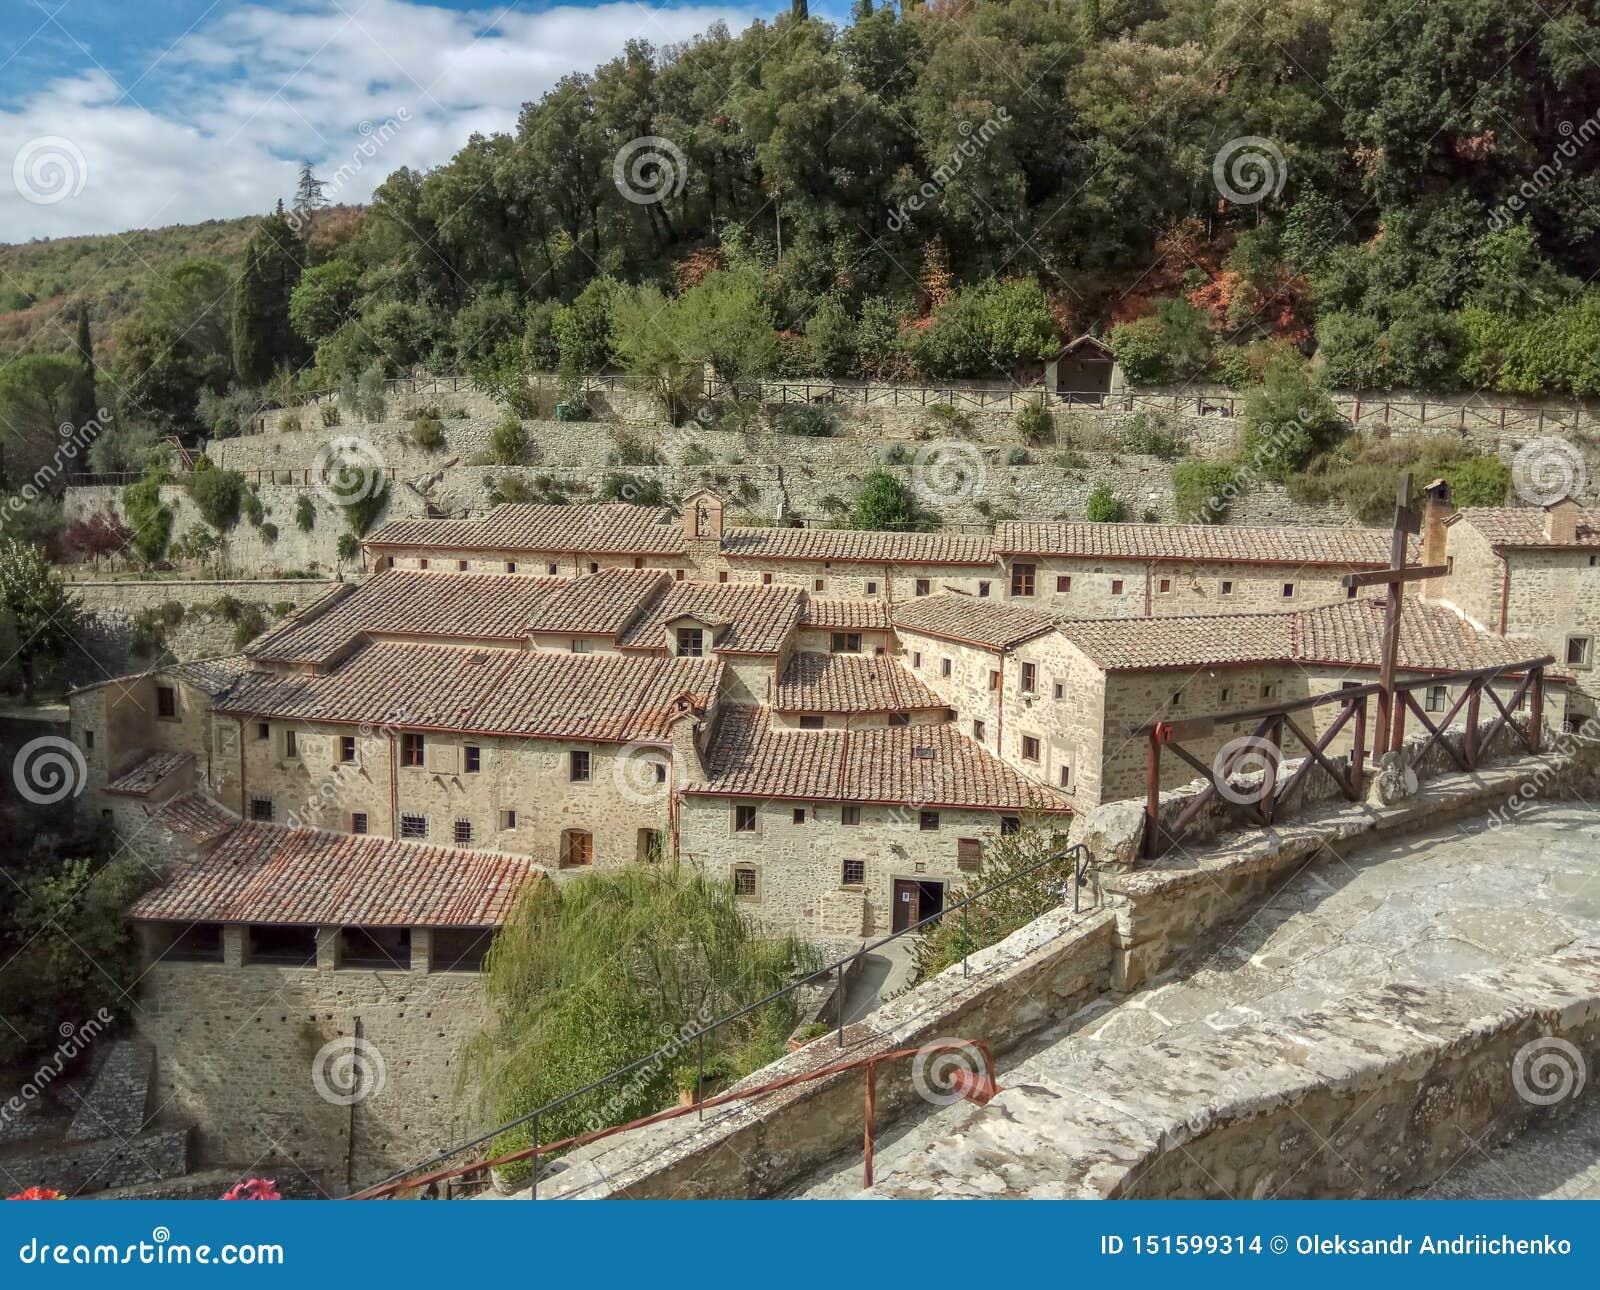 Det härliga areal landskapet av en liten lantlig by på kullen, Tuscany, Italien